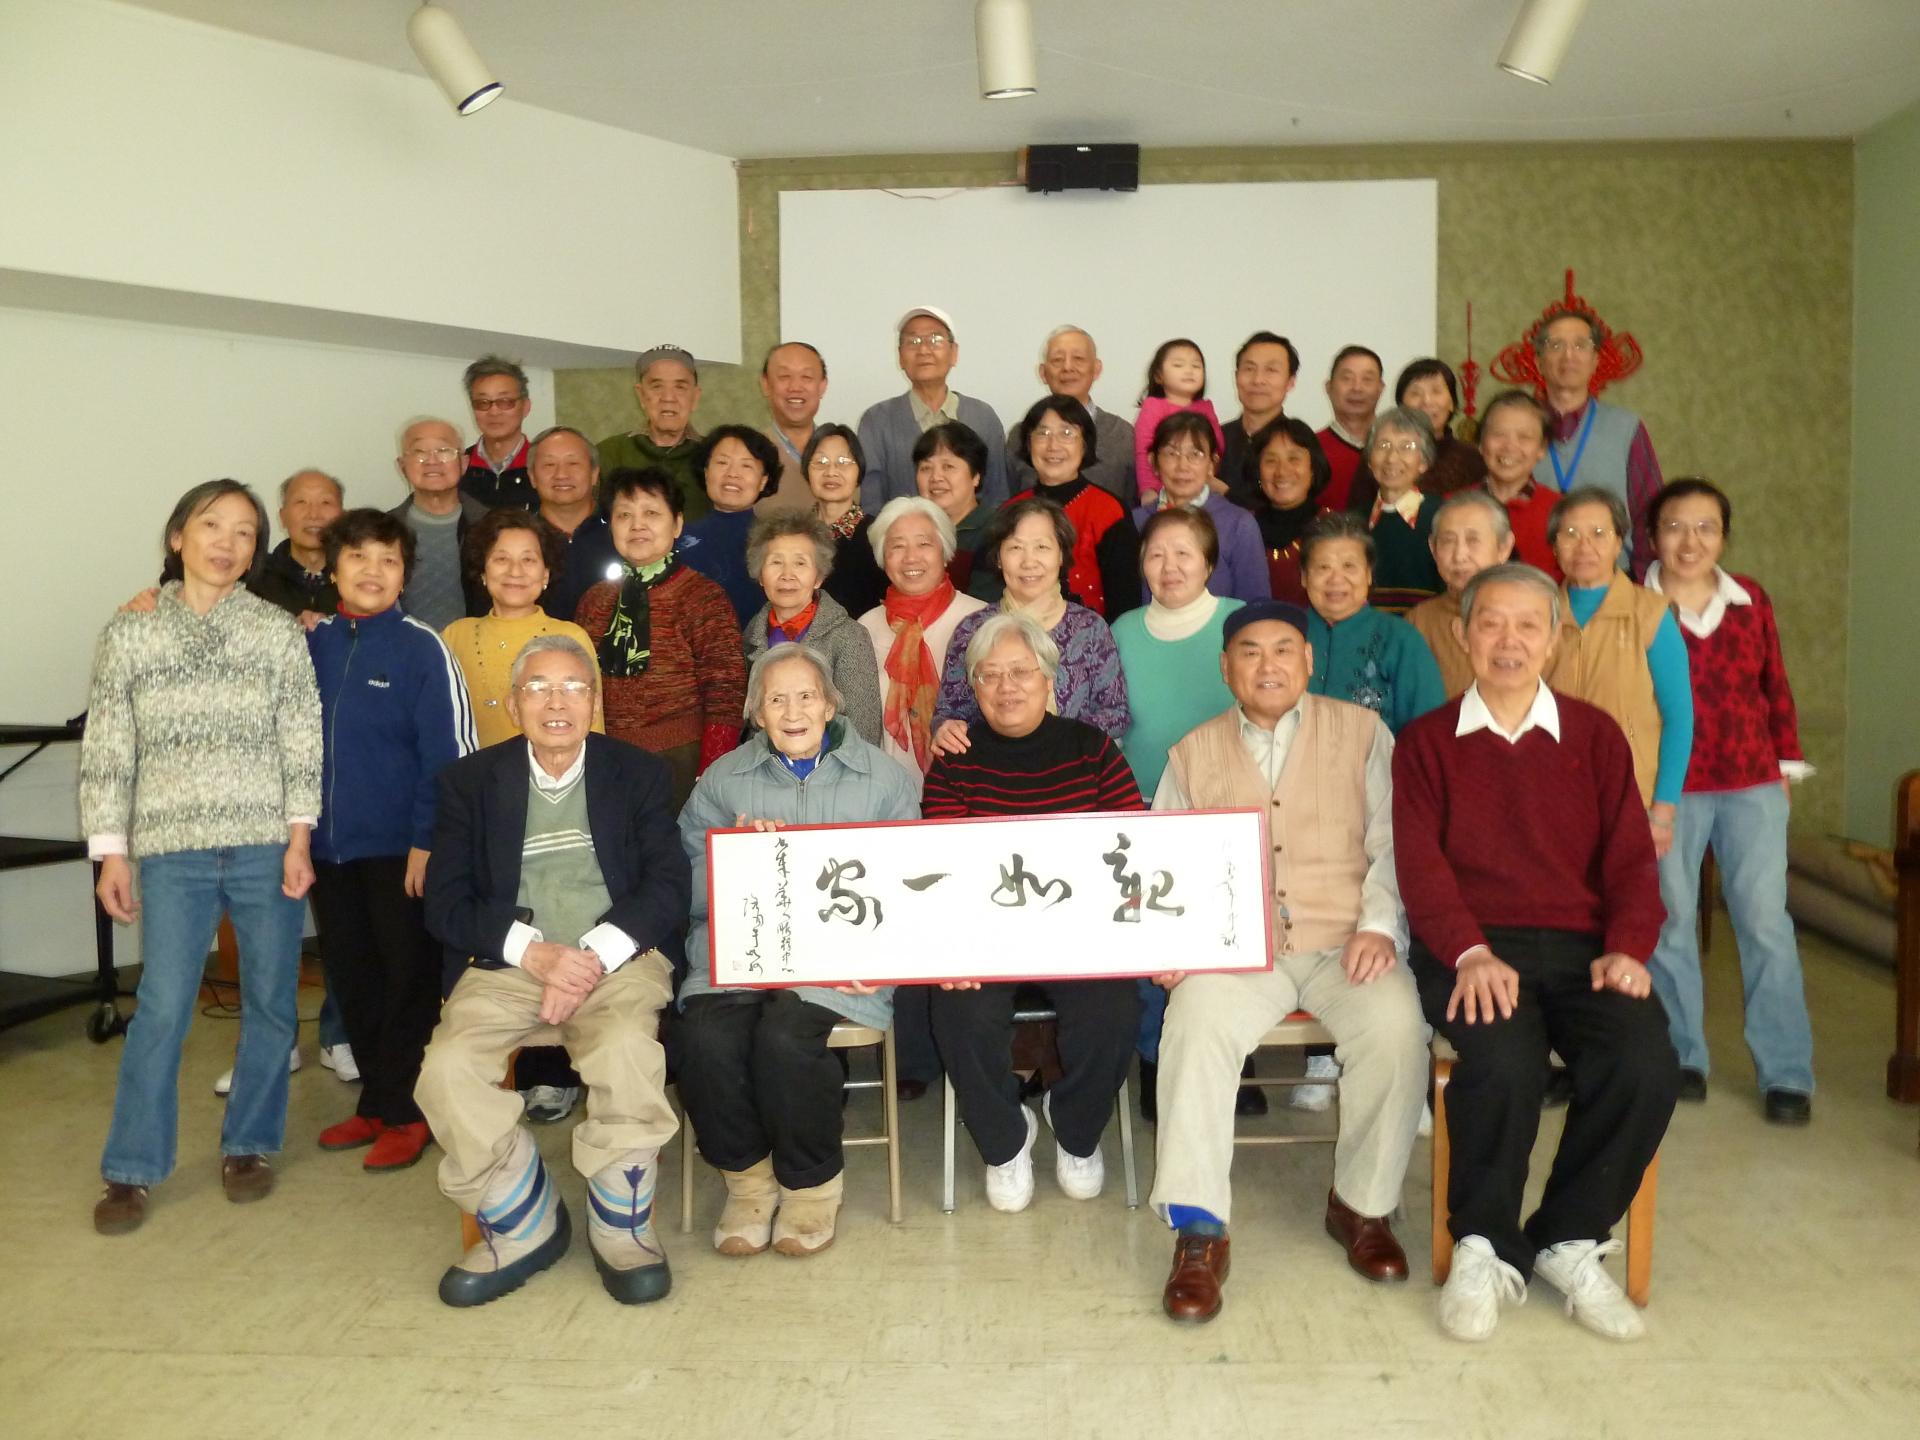 Senior Gathering Group Photo